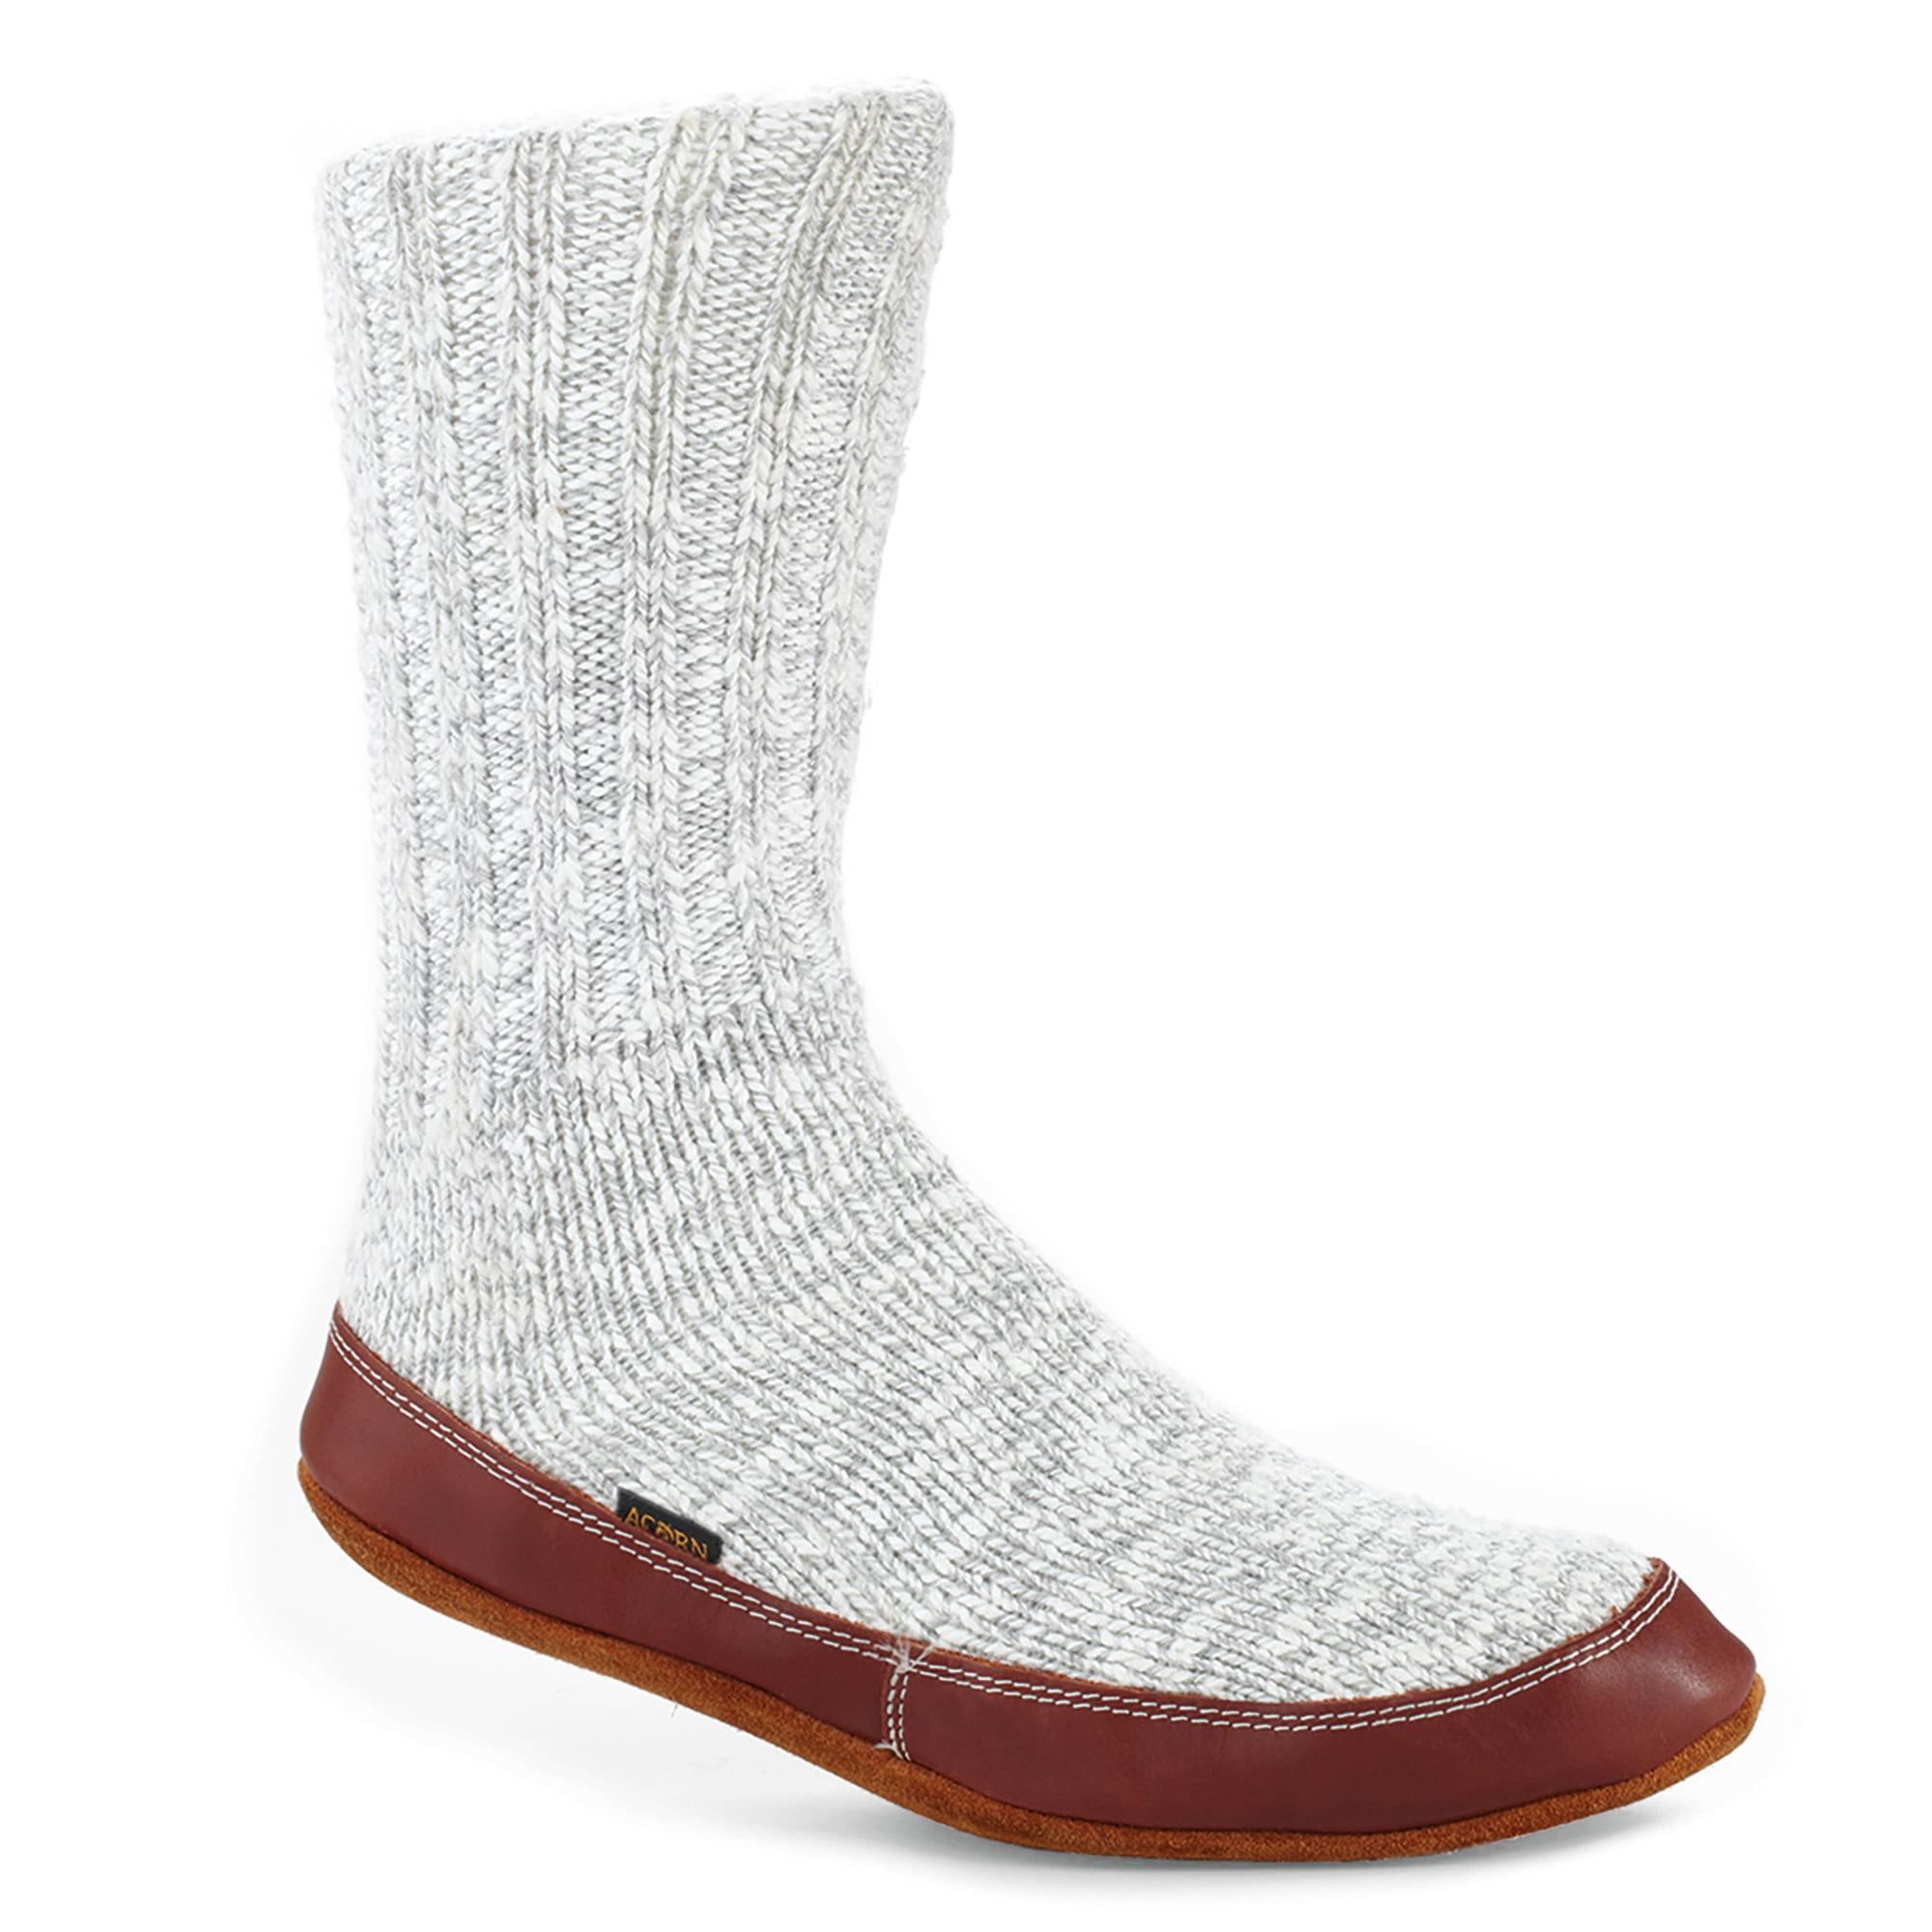 Image of Acorn Unisex Slipper Sock